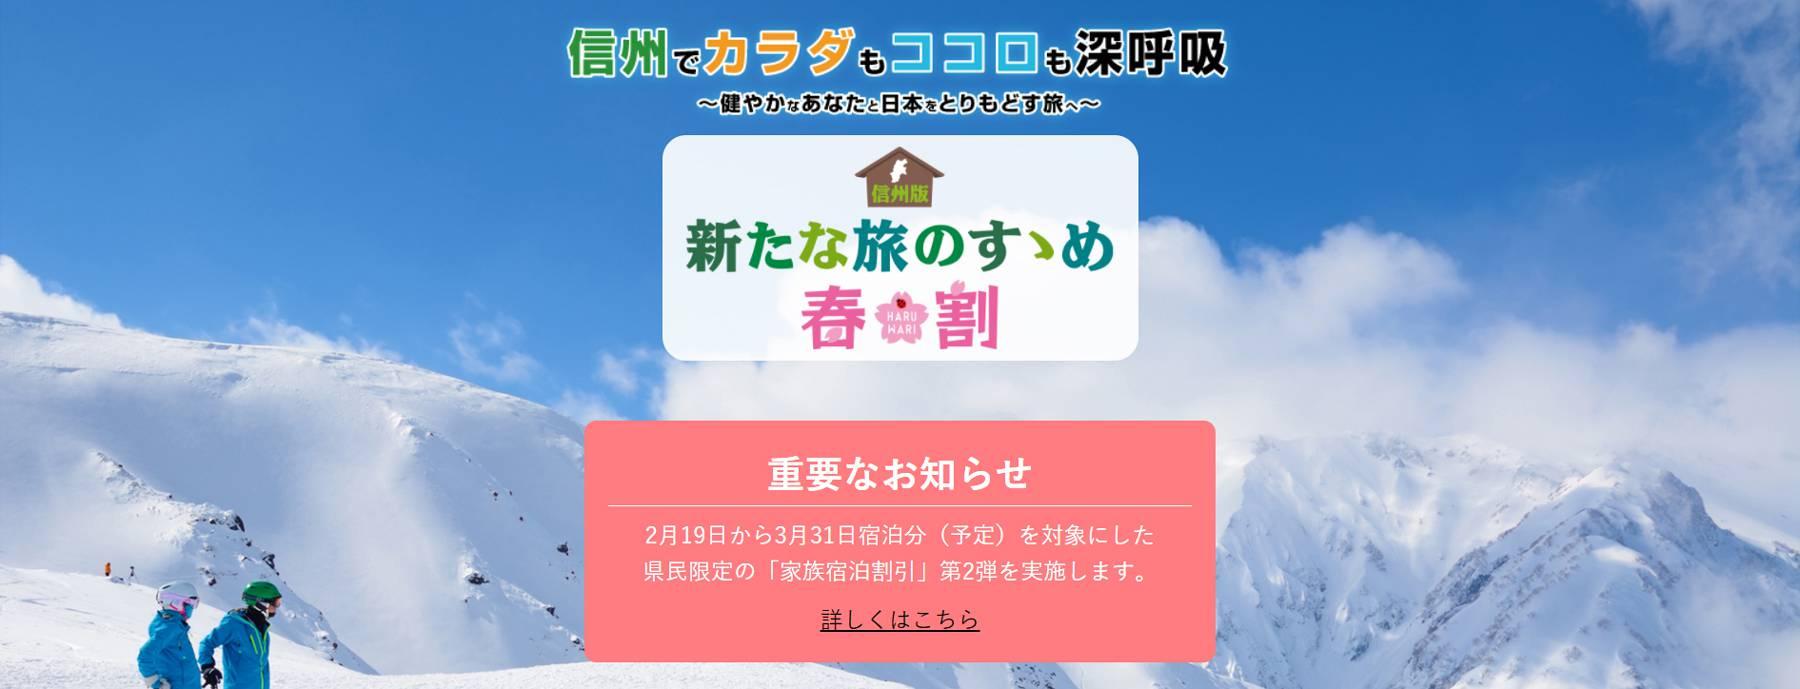 上限達しました。長野県民限定「県民支えあい家族宿泊割」第2弾